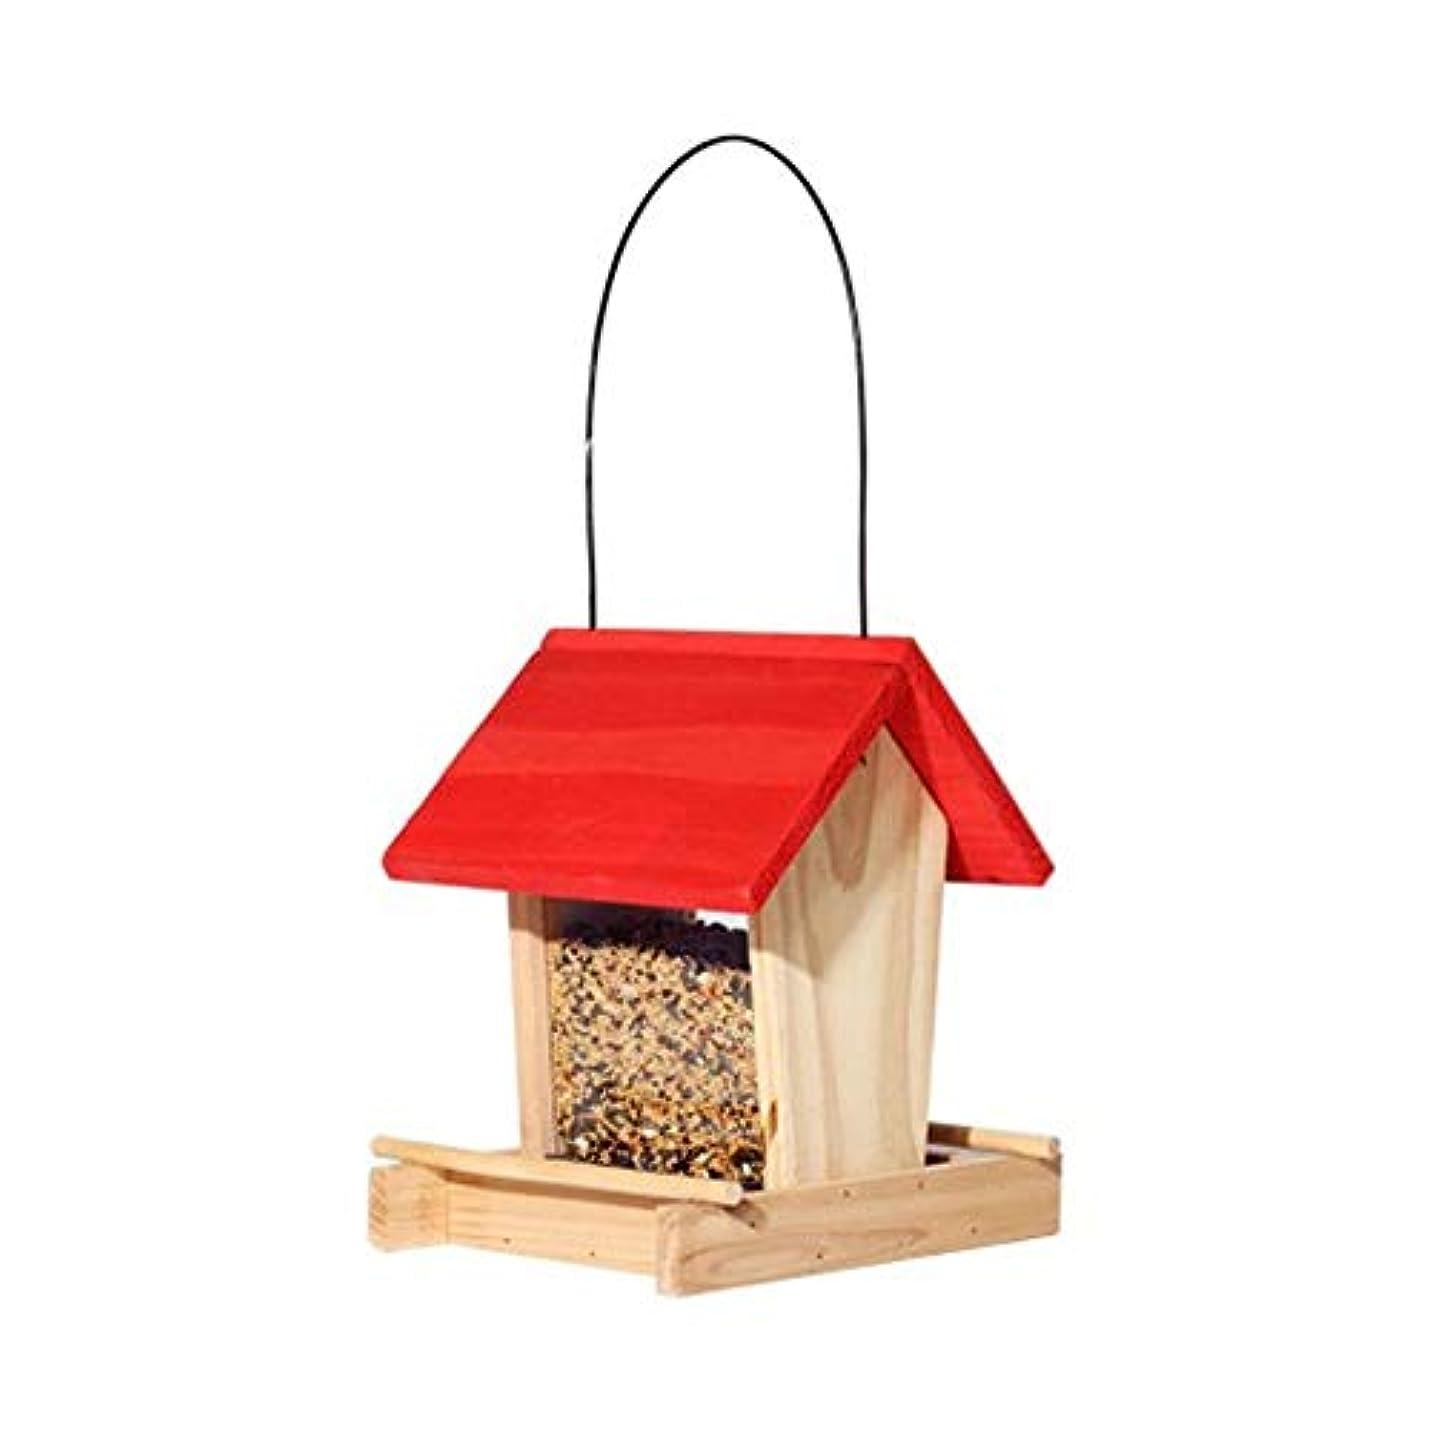 購入去る以前は野鳥の餌台 小バードフィーダー屋外鳥ガイドは、防雨ワイルドフィーダー鳥の食べ物をハンギング エサの容量を簡単把握 (Color : Multi-colored, Size : Free size)